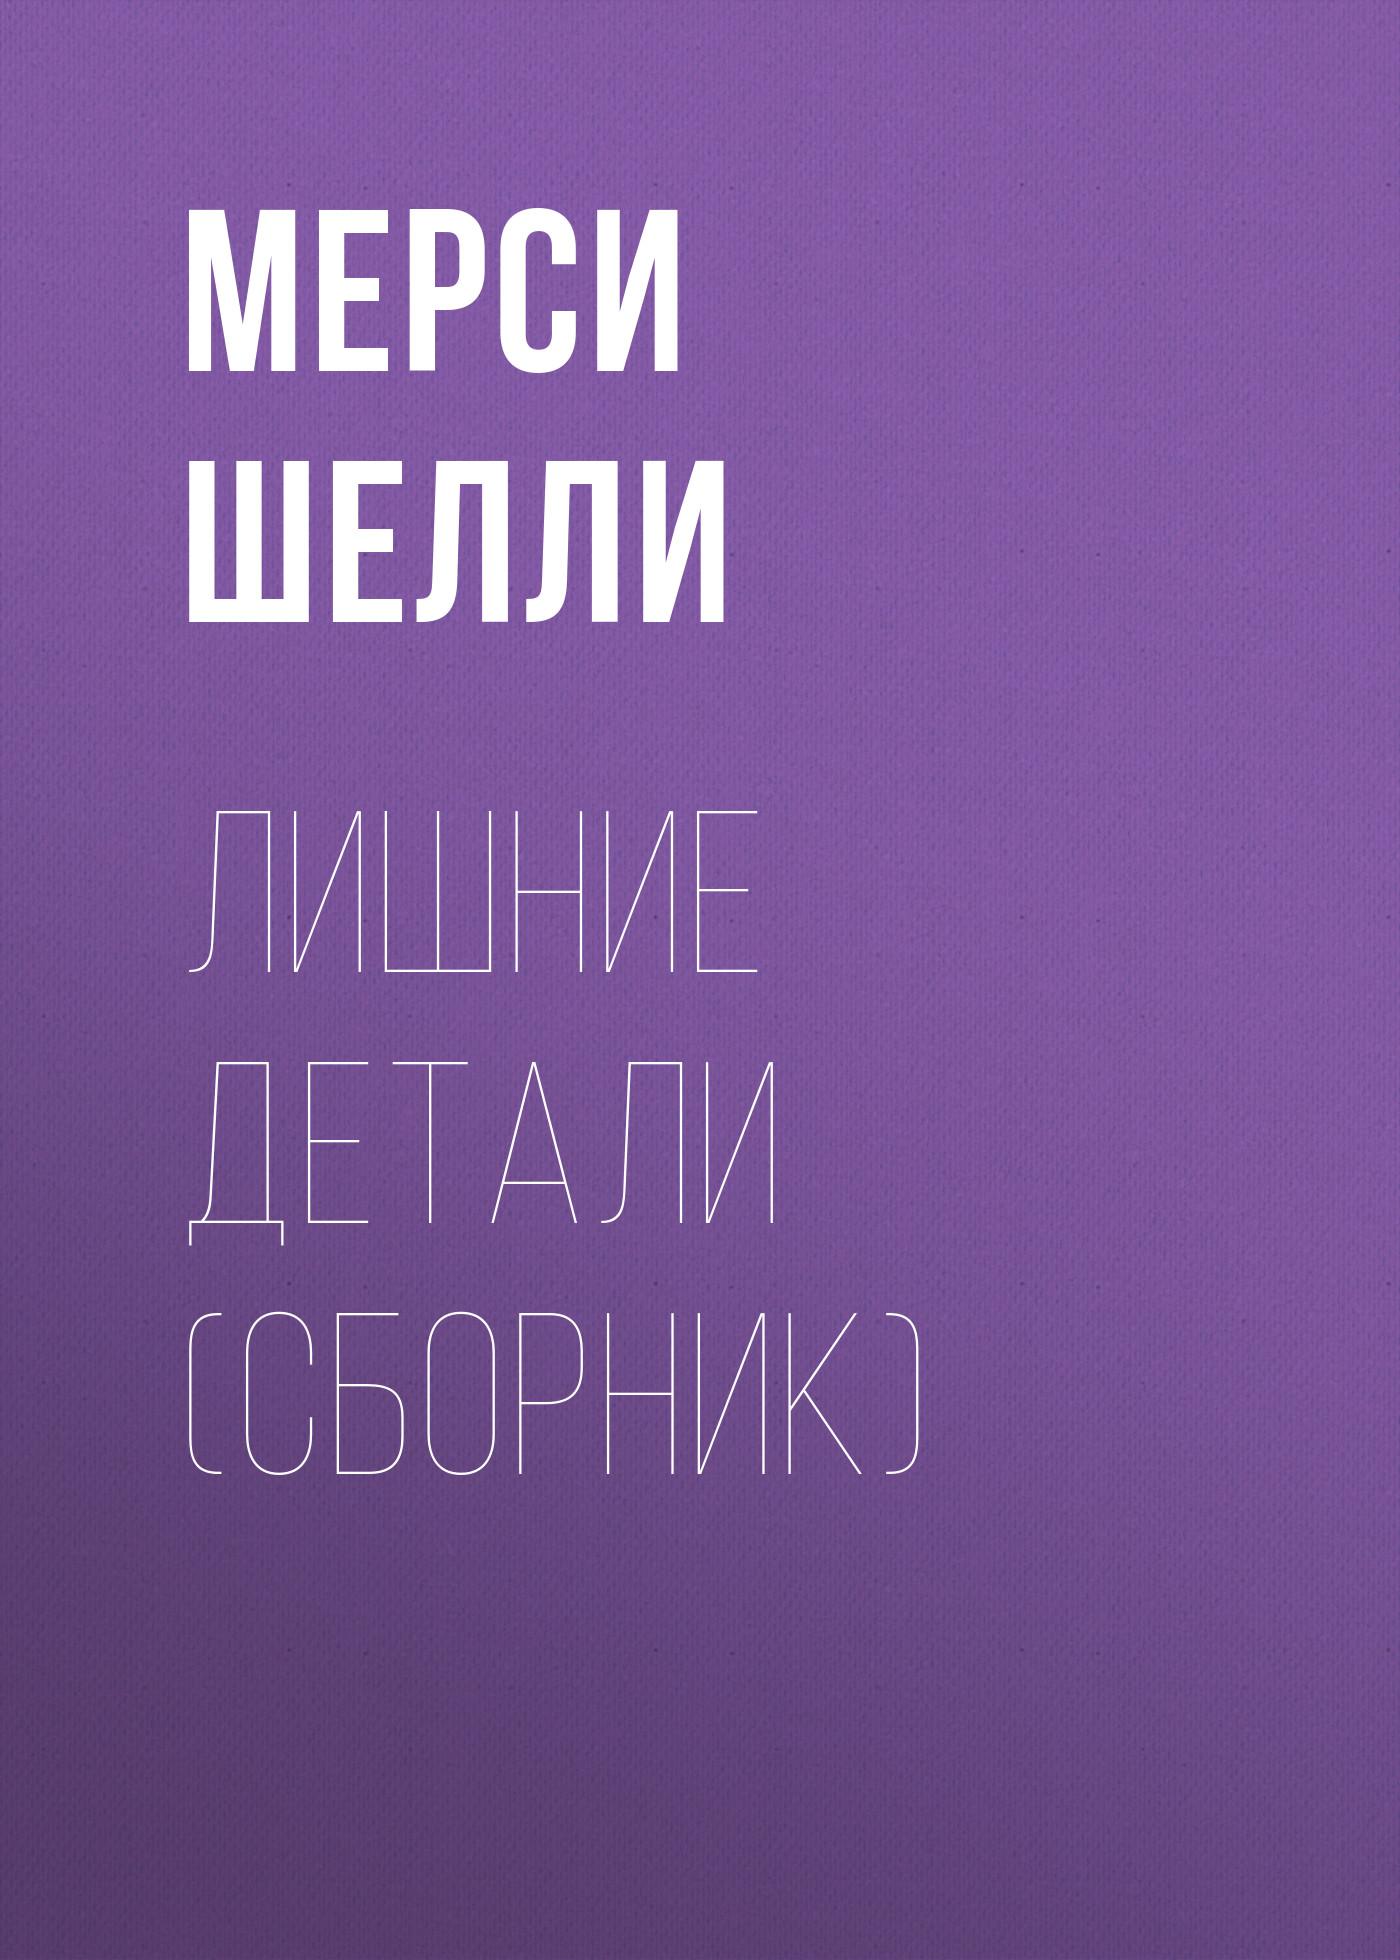 Мерси Шелли «Лишние детали (сборник)»